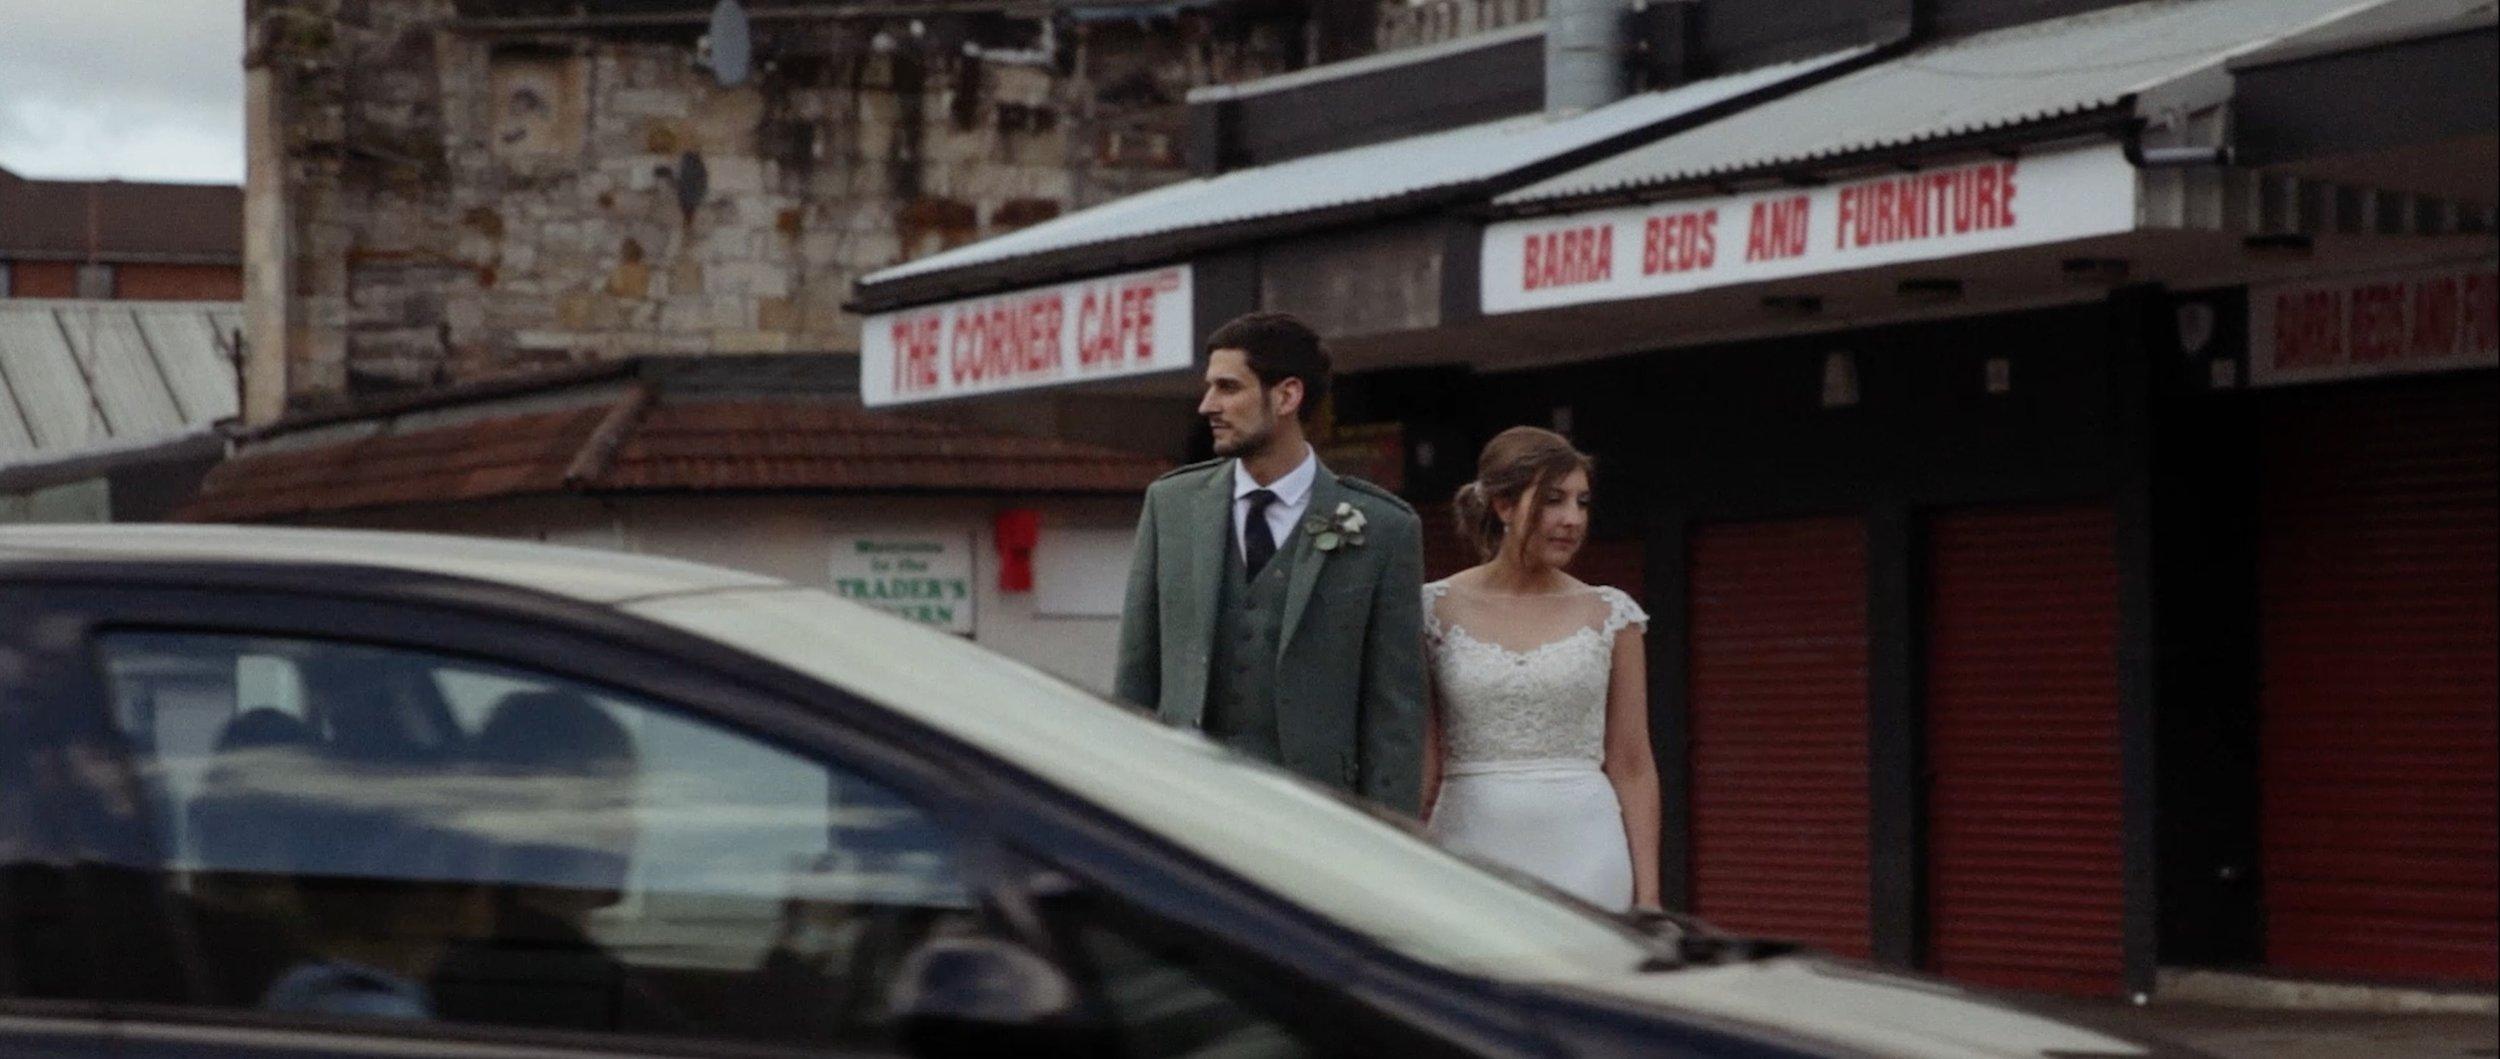 drimsynie-estate-wedding-videographer_LL_05.jpg